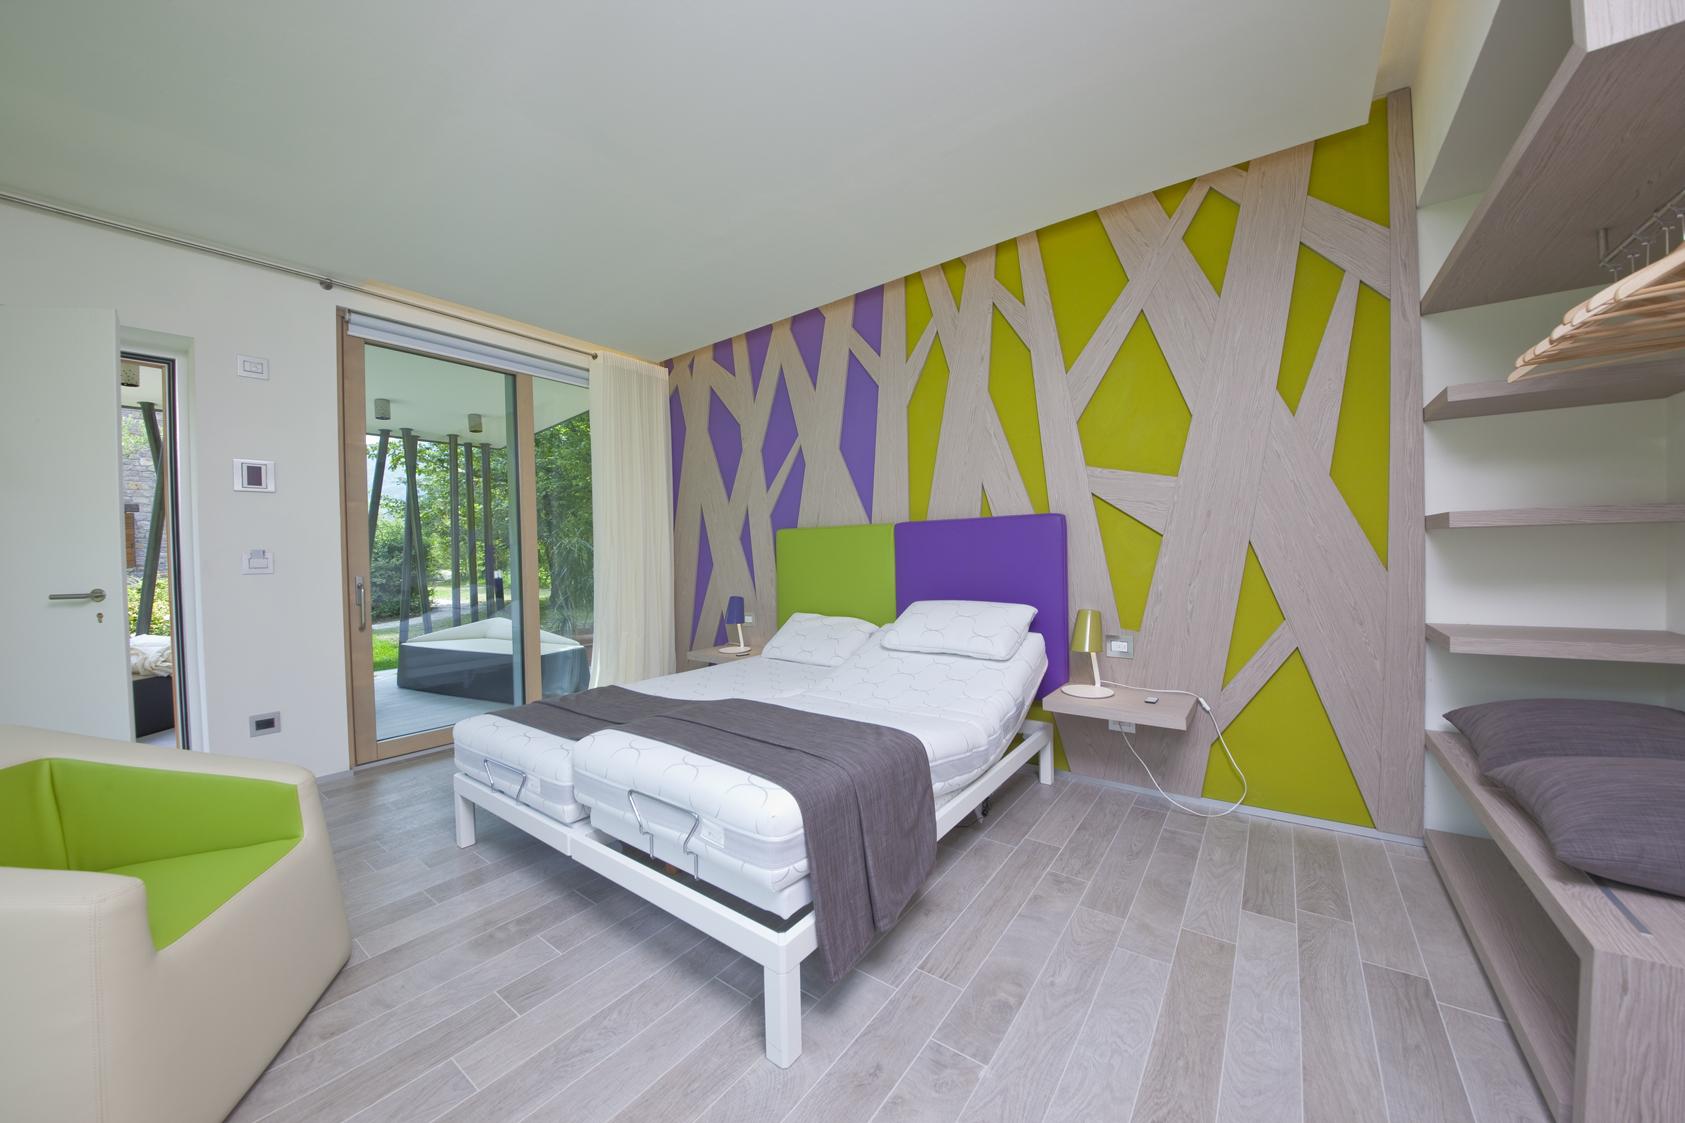 La funzionalit delle camere d 39 hotel for Design hotel schweiz